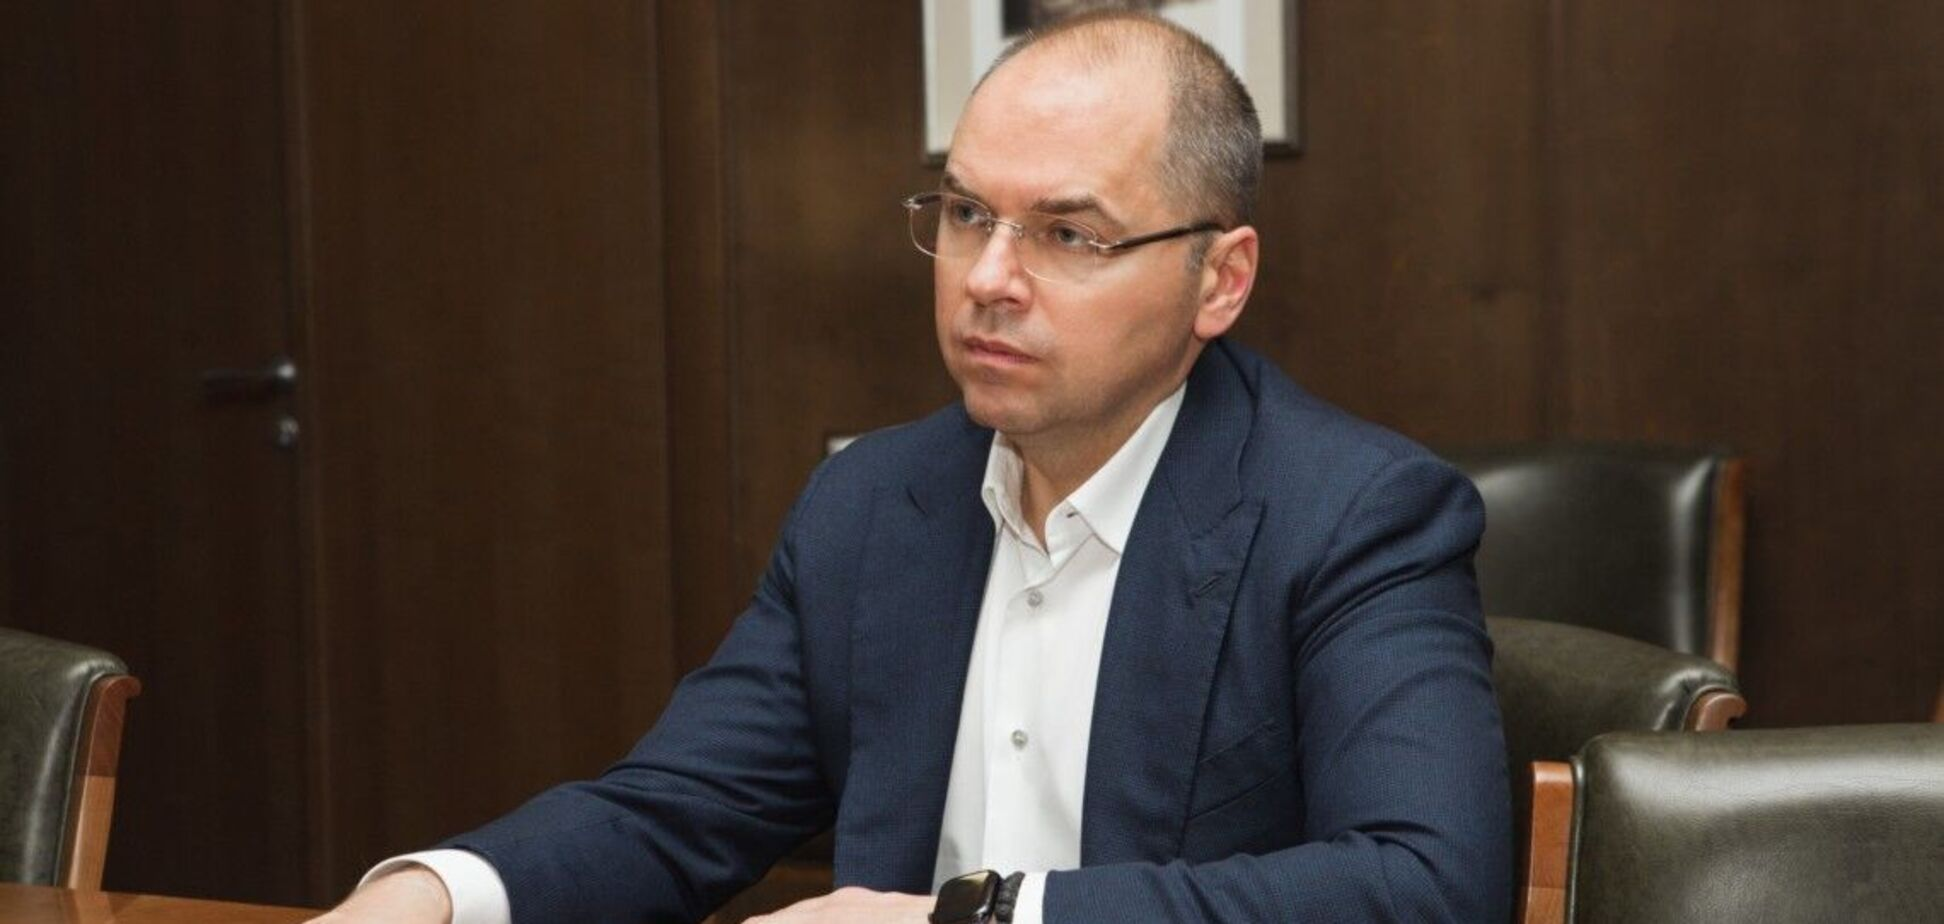 Степанов закликав зупинити ланцюг смертей і 'антивакцинальну вакханалію'